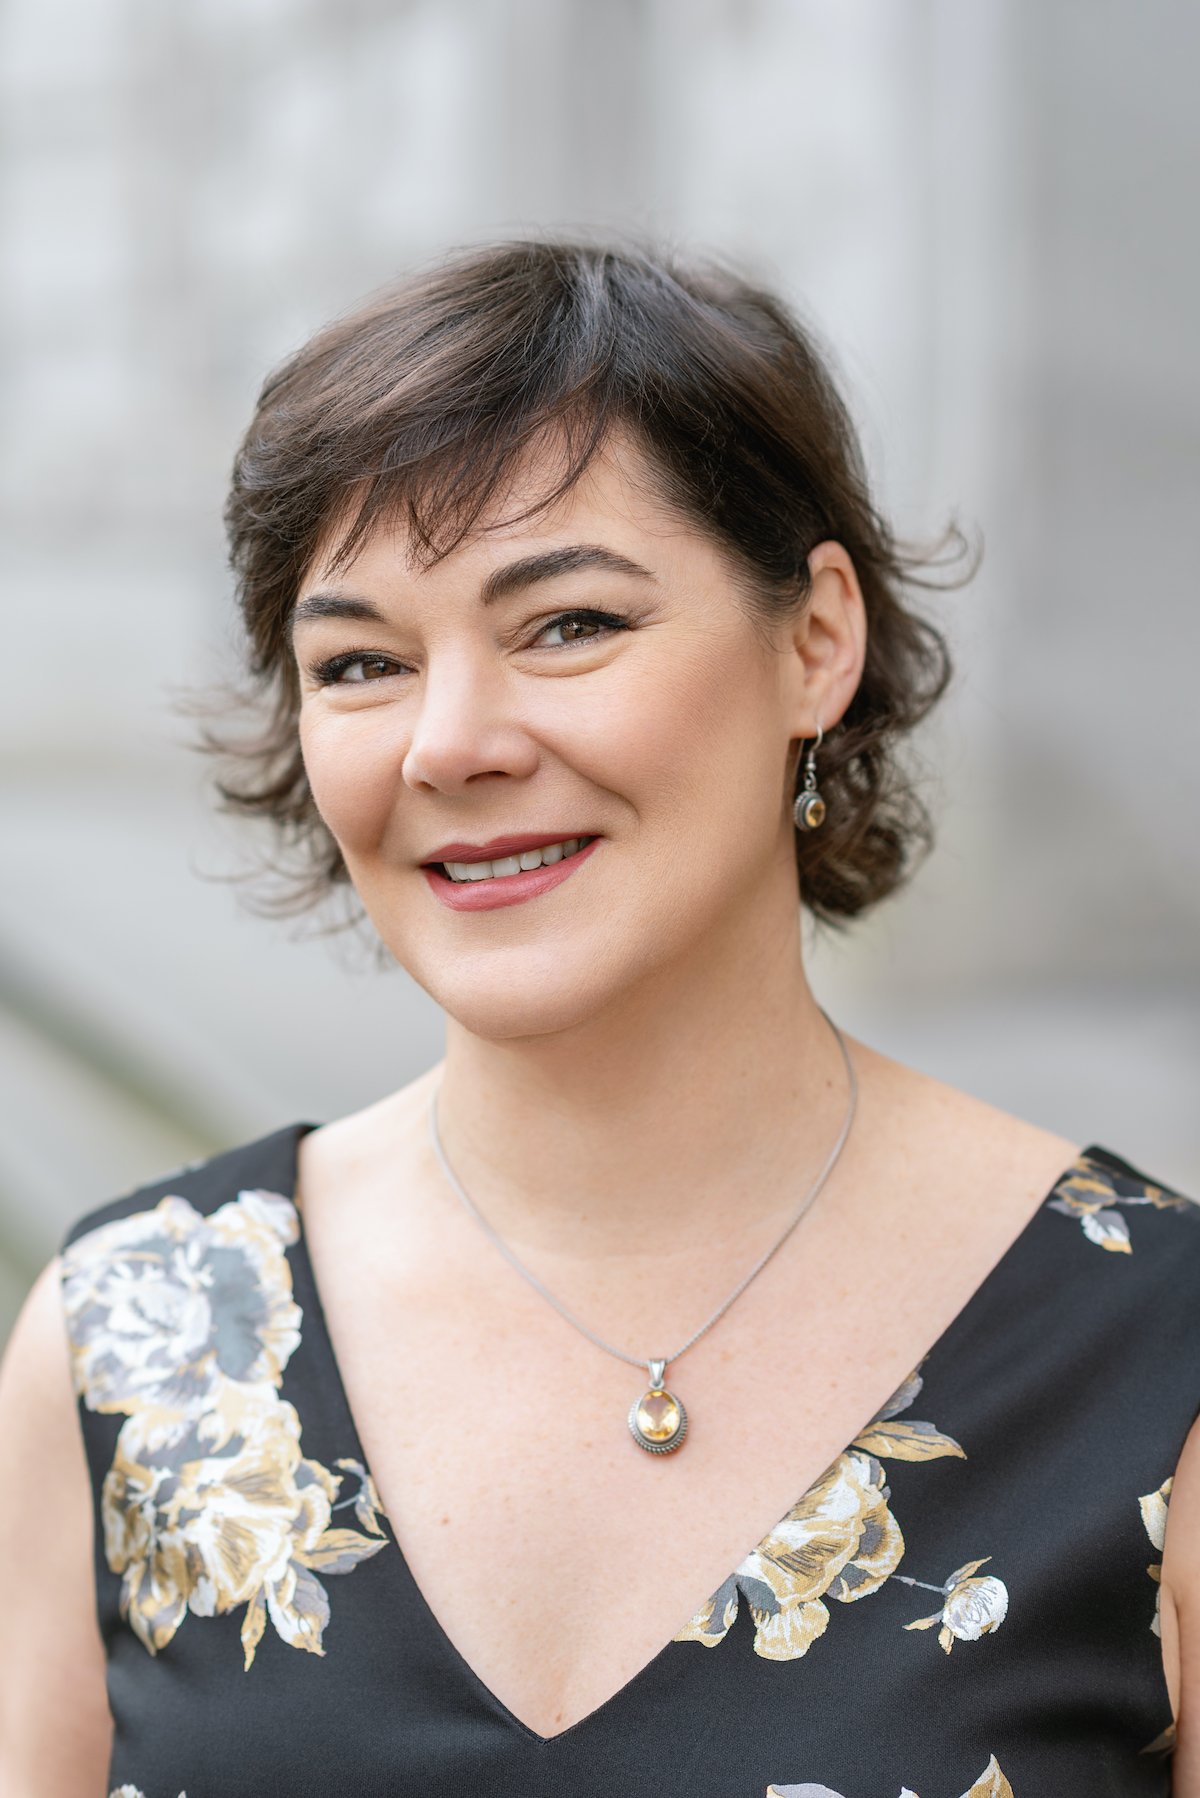 Jane Hofer